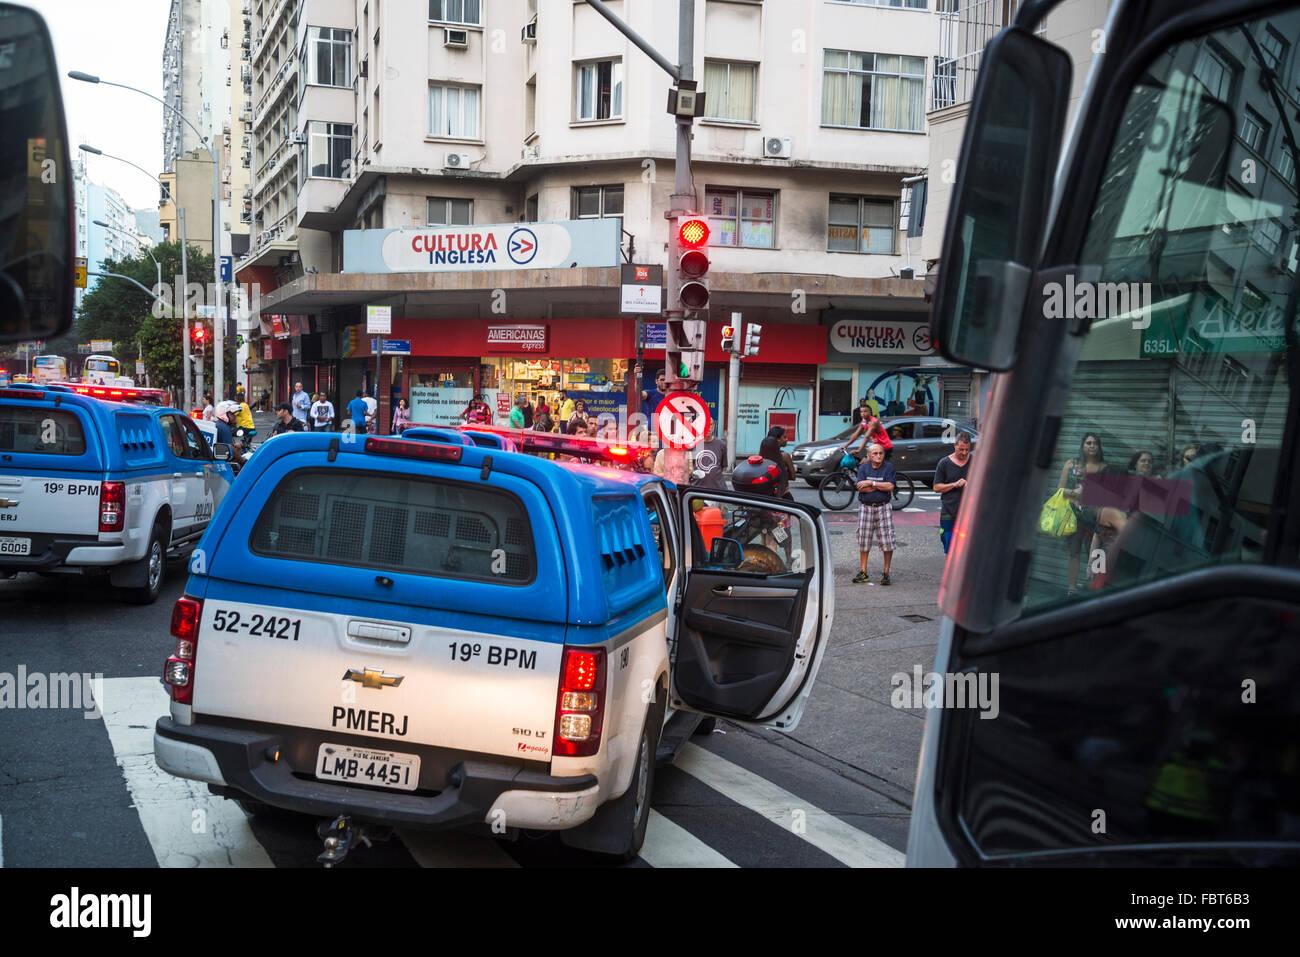 Auto della Polizia bloccando la strada, Copacabana, Rio de Janeiro, Brasile Immagini Stock